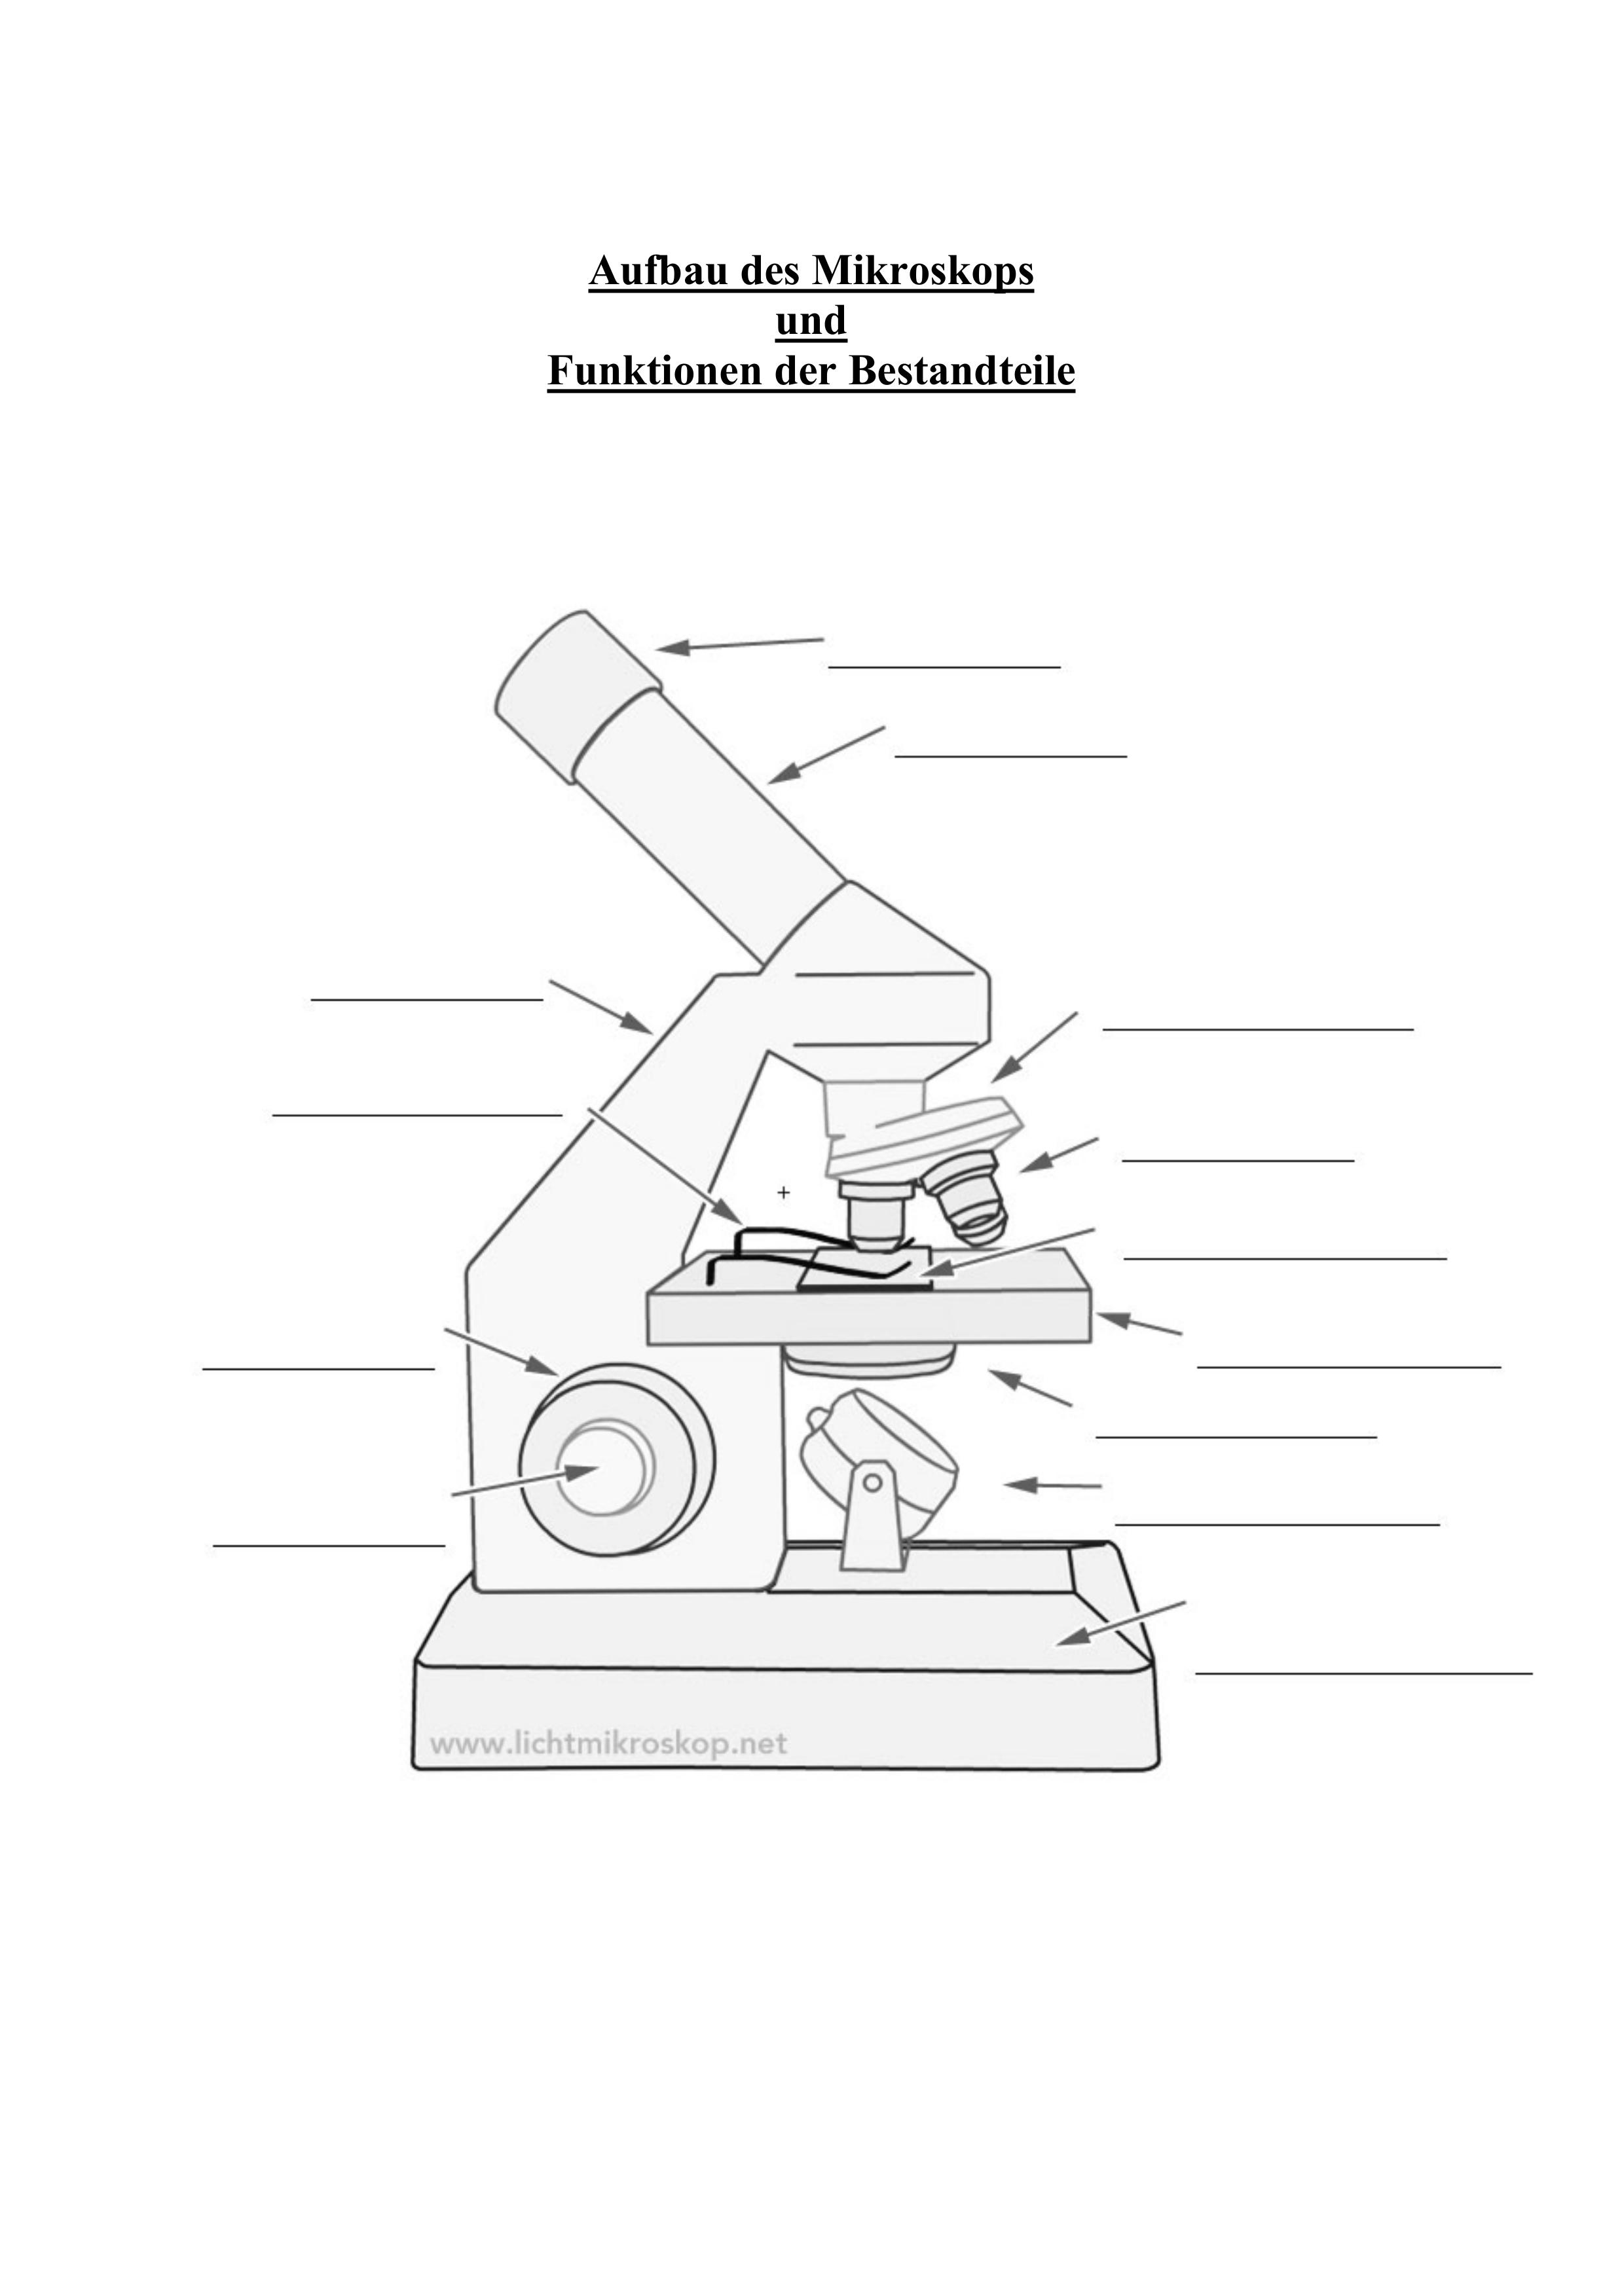 Arbeitsblatt Aufbau und Funktionen Mikroskop – Unterrichtsmaterial ...